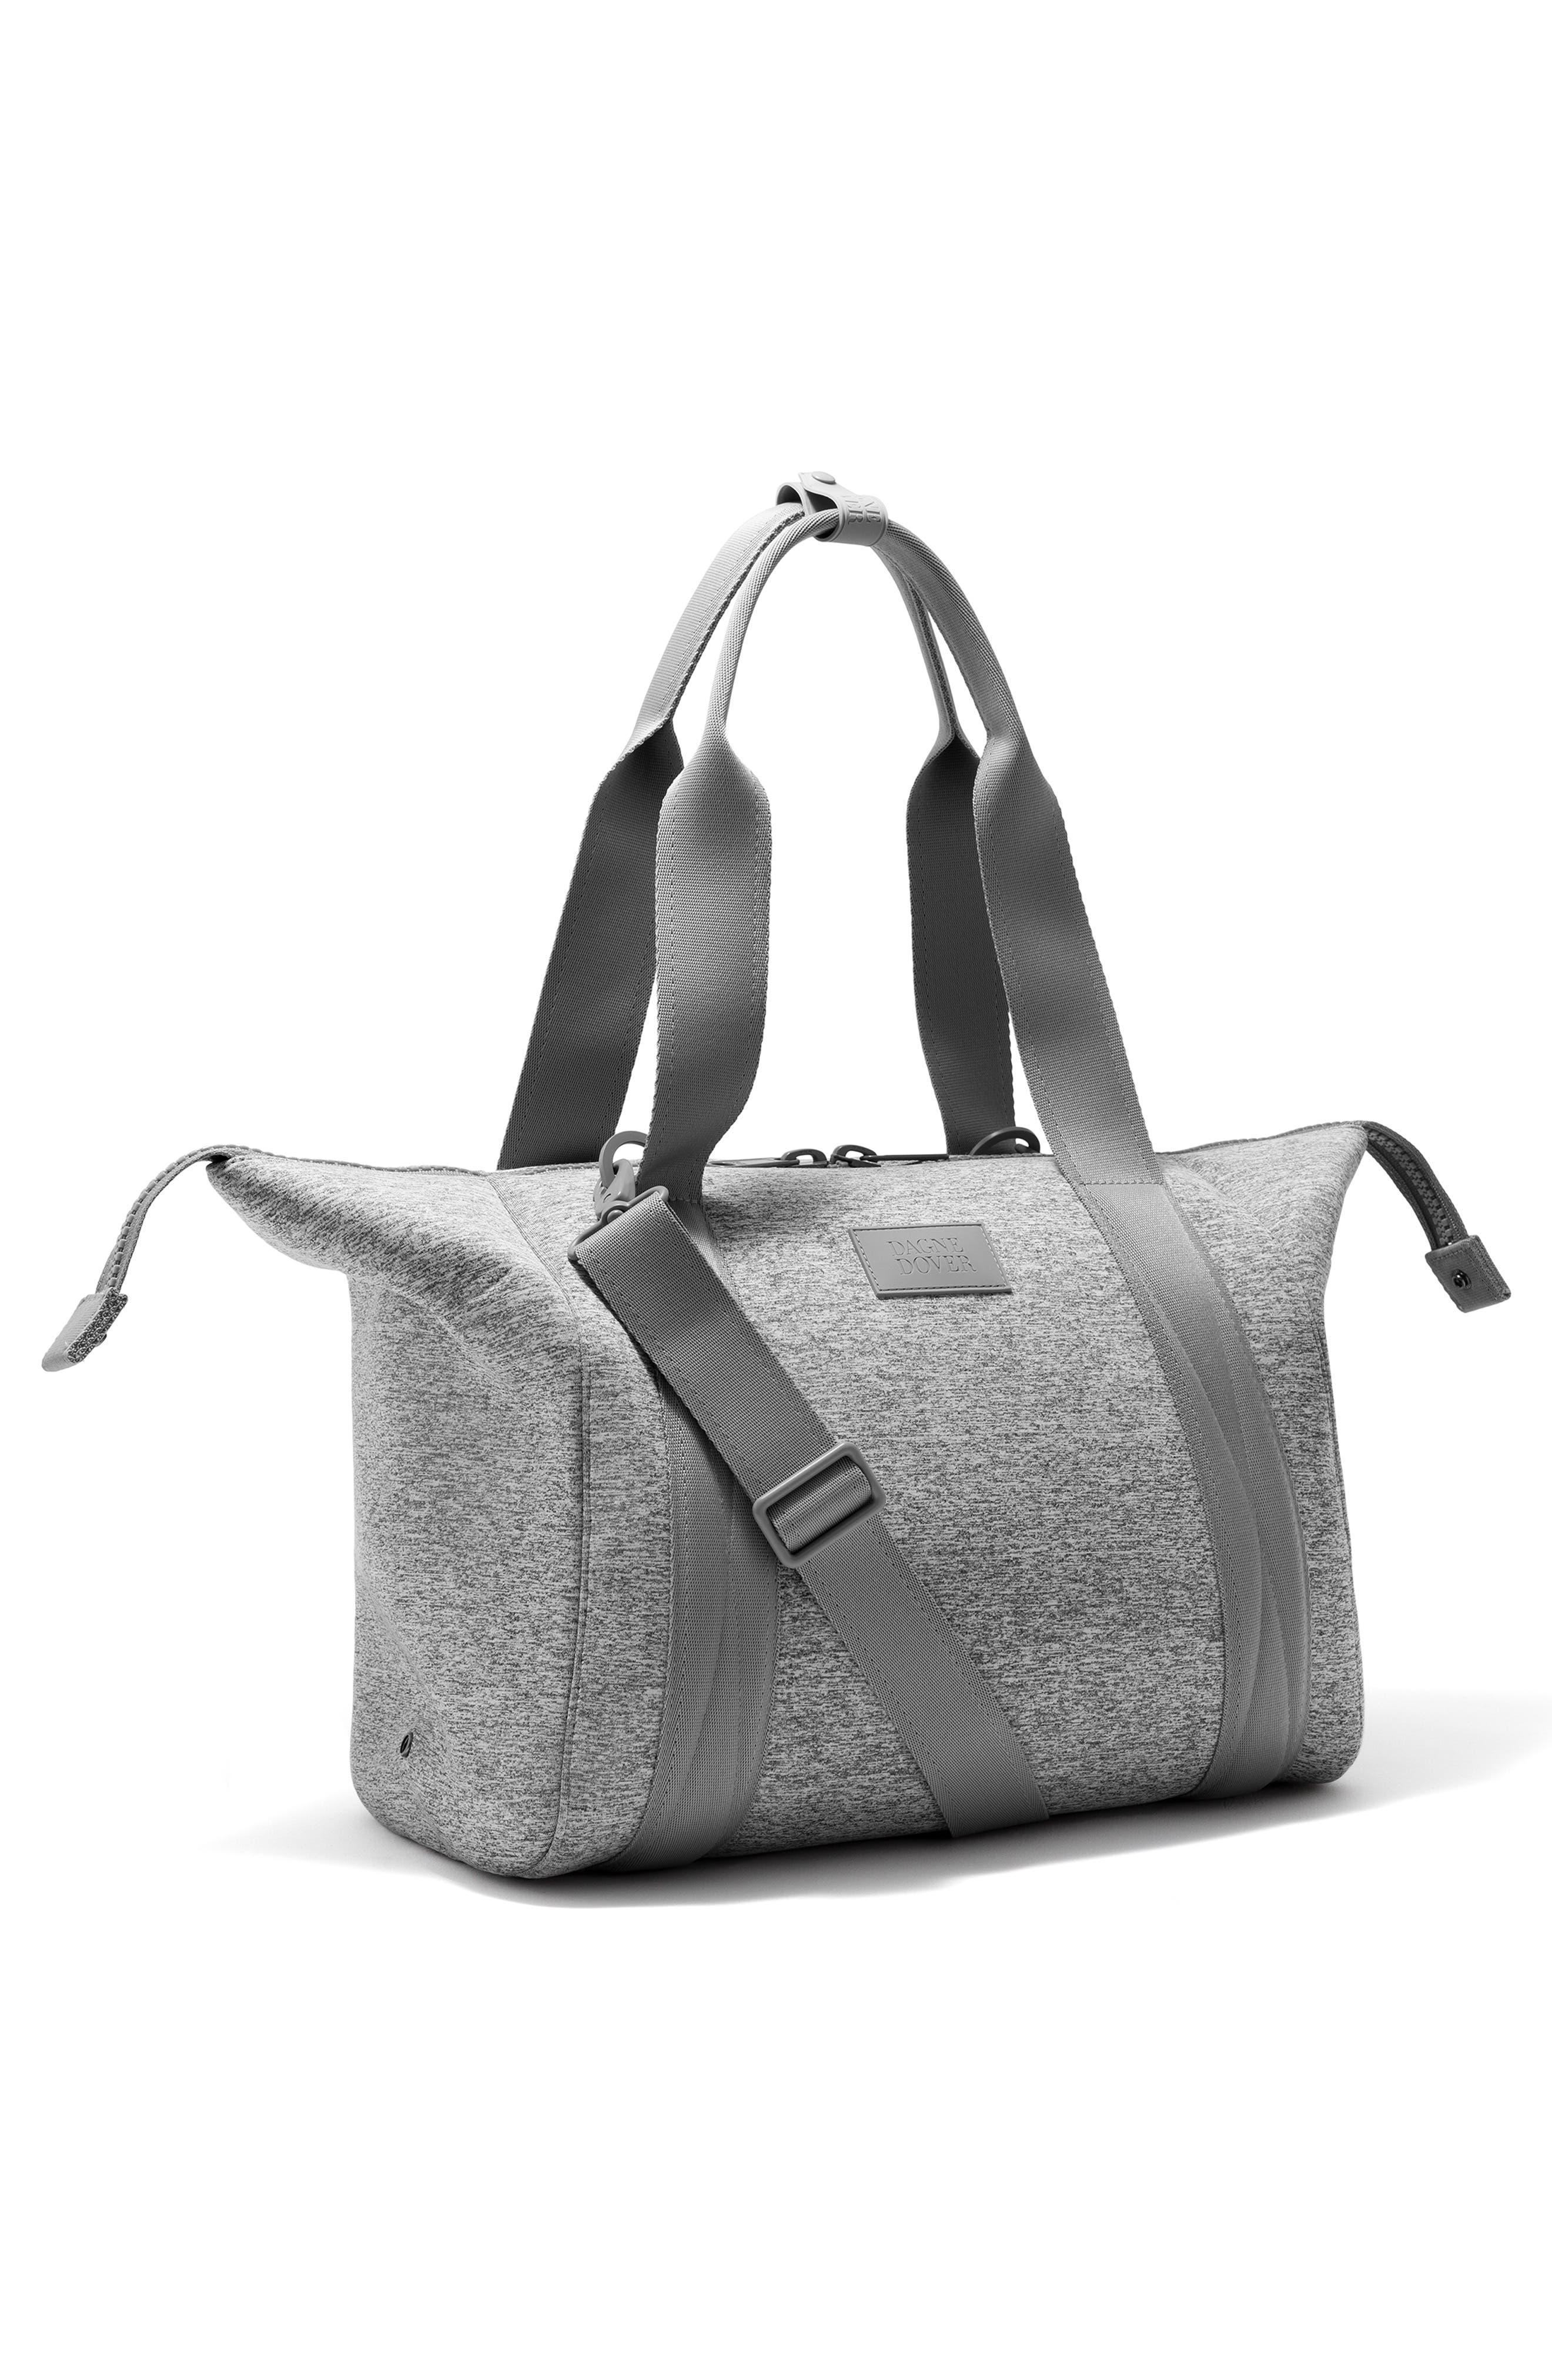 DAGNE DOVER, 365 Medium Landon Neoprene Carryall Duffle Bag, Alternate thumbnail 4, color, HEATHER GREY